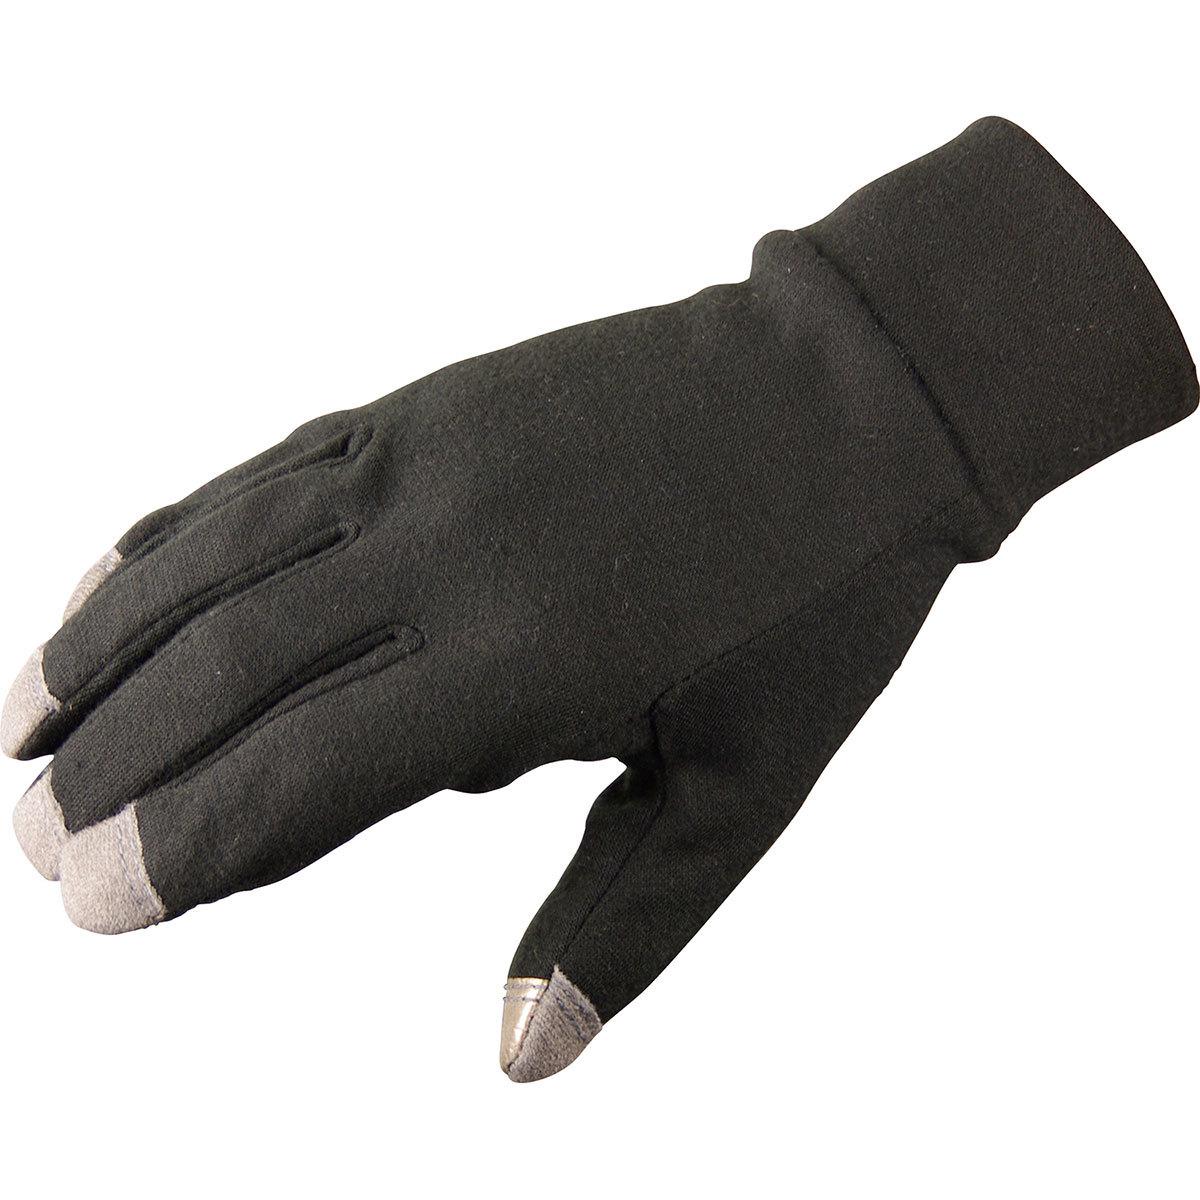 この冬はグリップヒーターとハンドルカバーと薄手のグローブで?ですやん!_f0056935_21141361.jpg